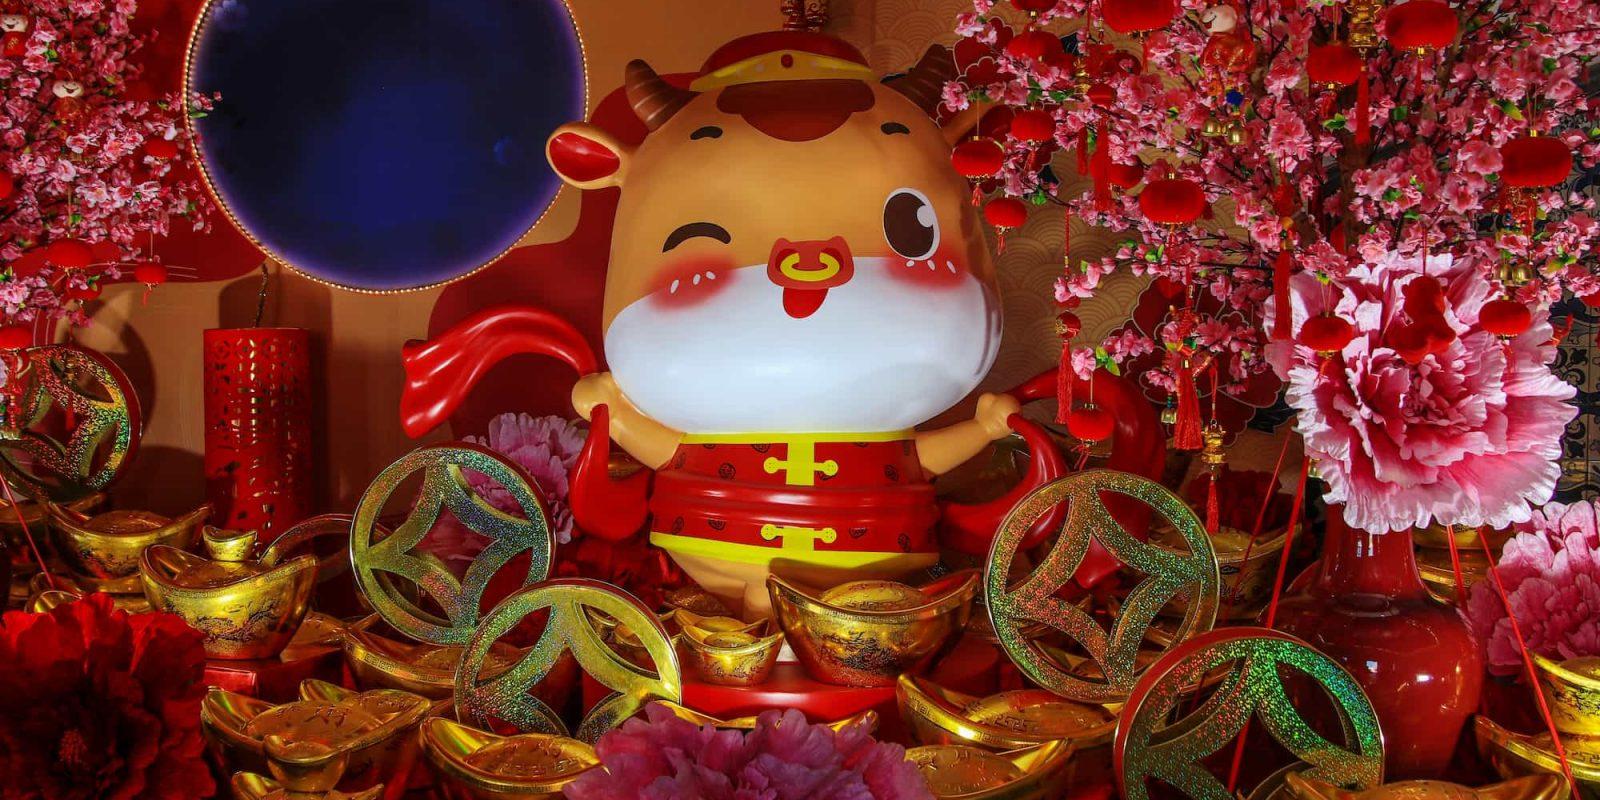 學英文-農曆新年到了,恭喜發財的英文怎麼說